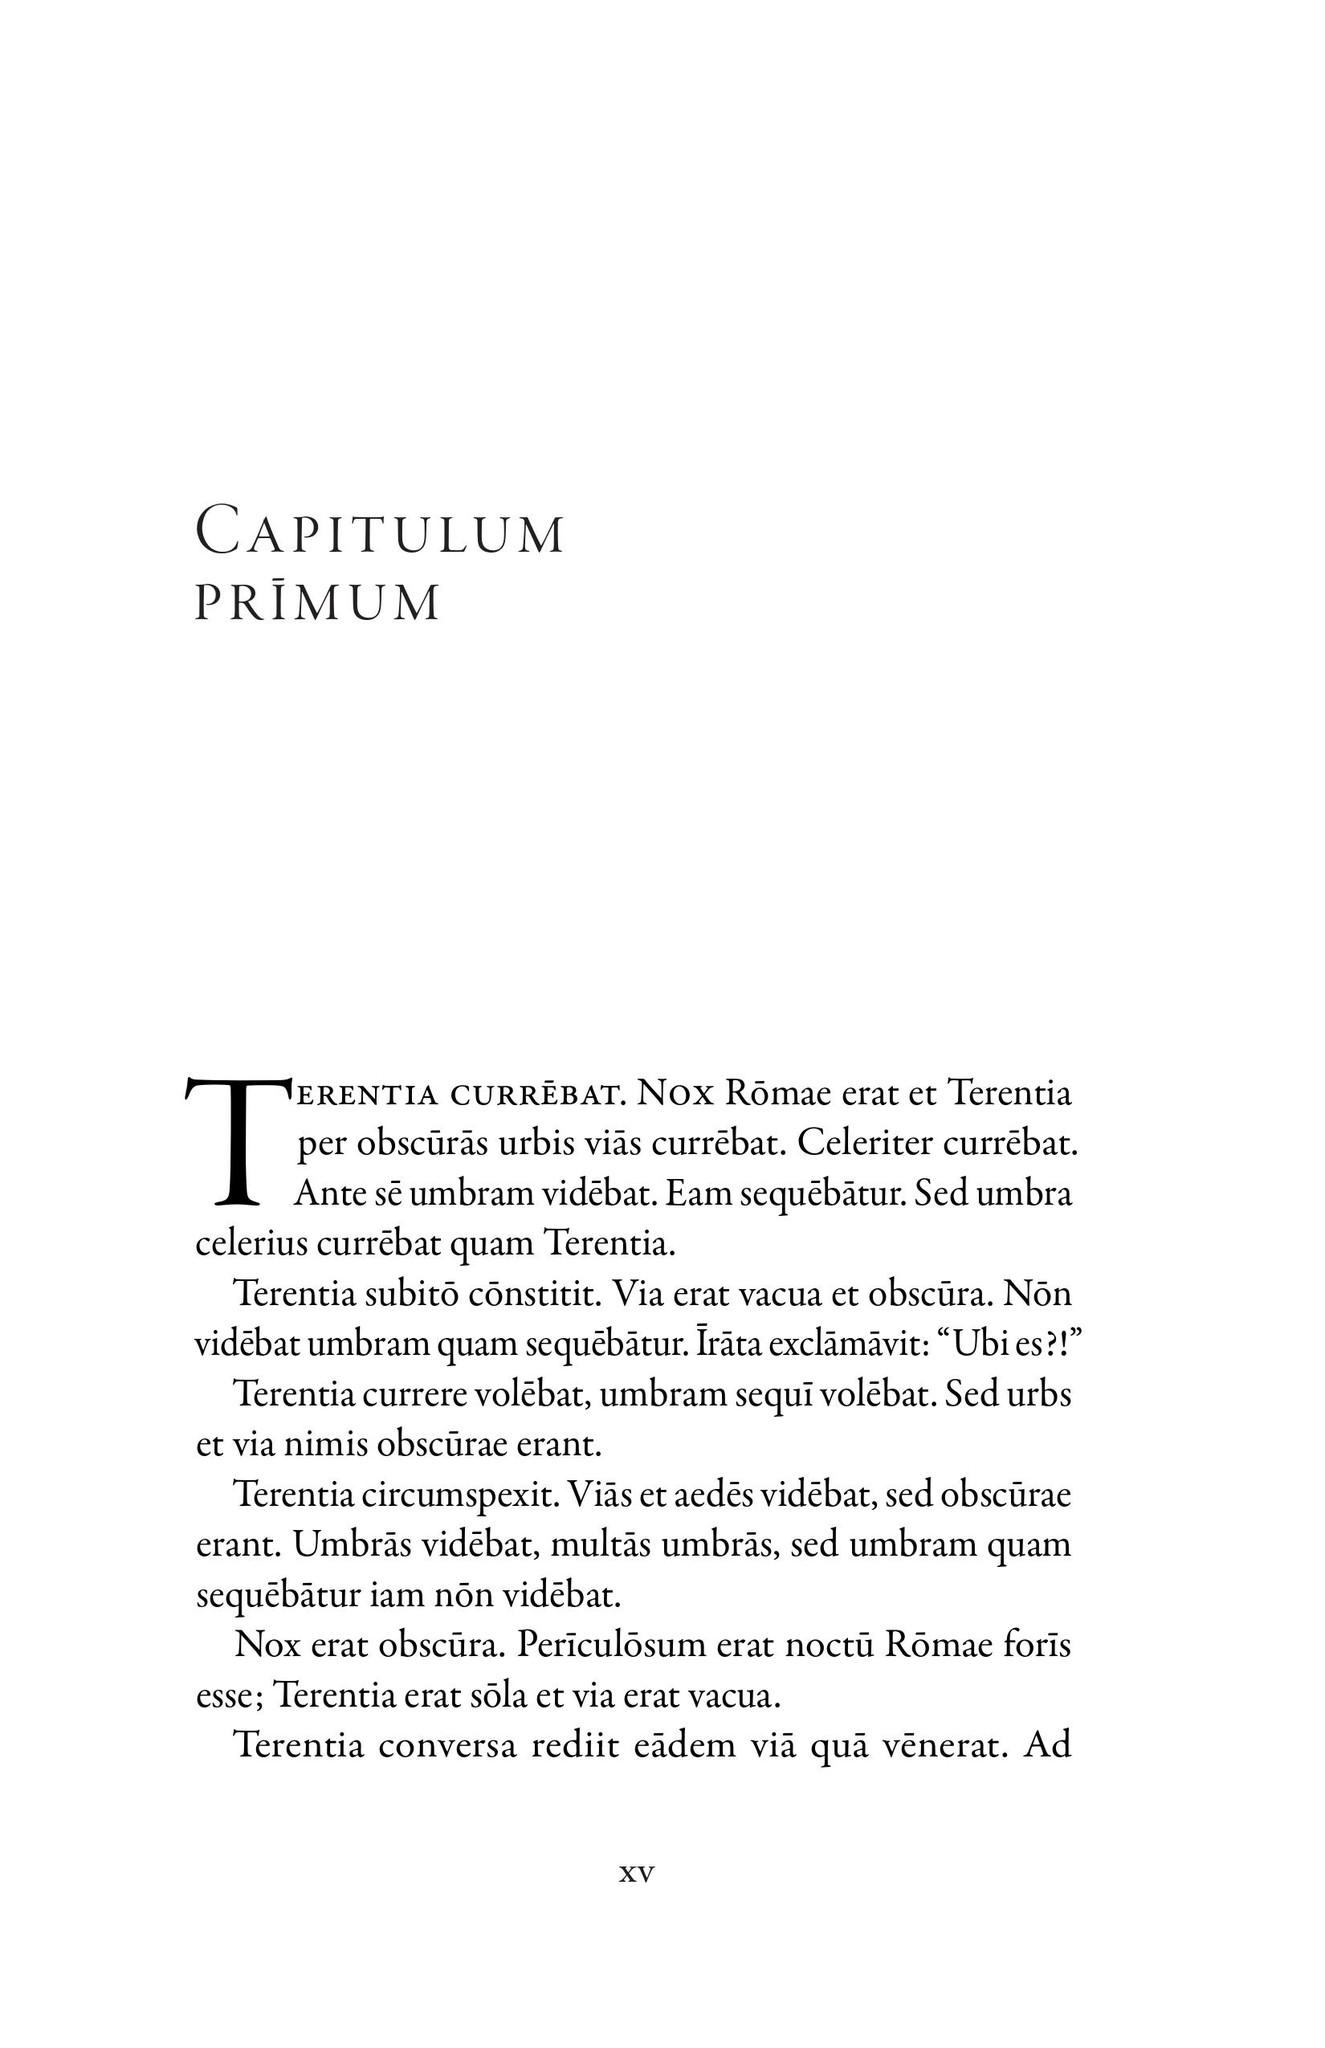 Pugio Bruti - Een thriller in eenvoudig Latijn